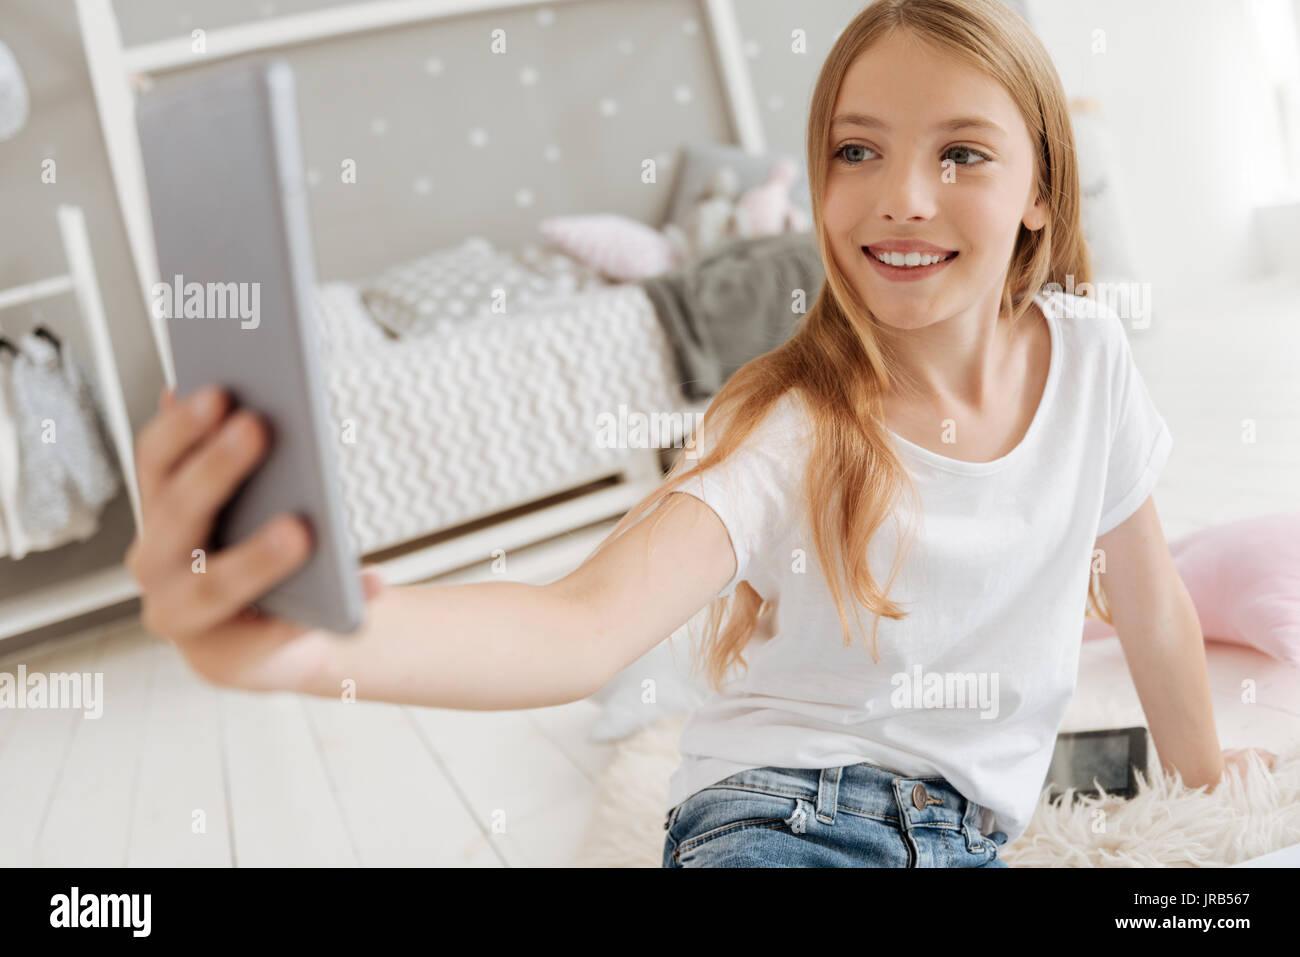 Petite fille excité en tenant vos autoportraits dans sa chambre à coucher Photo Stock